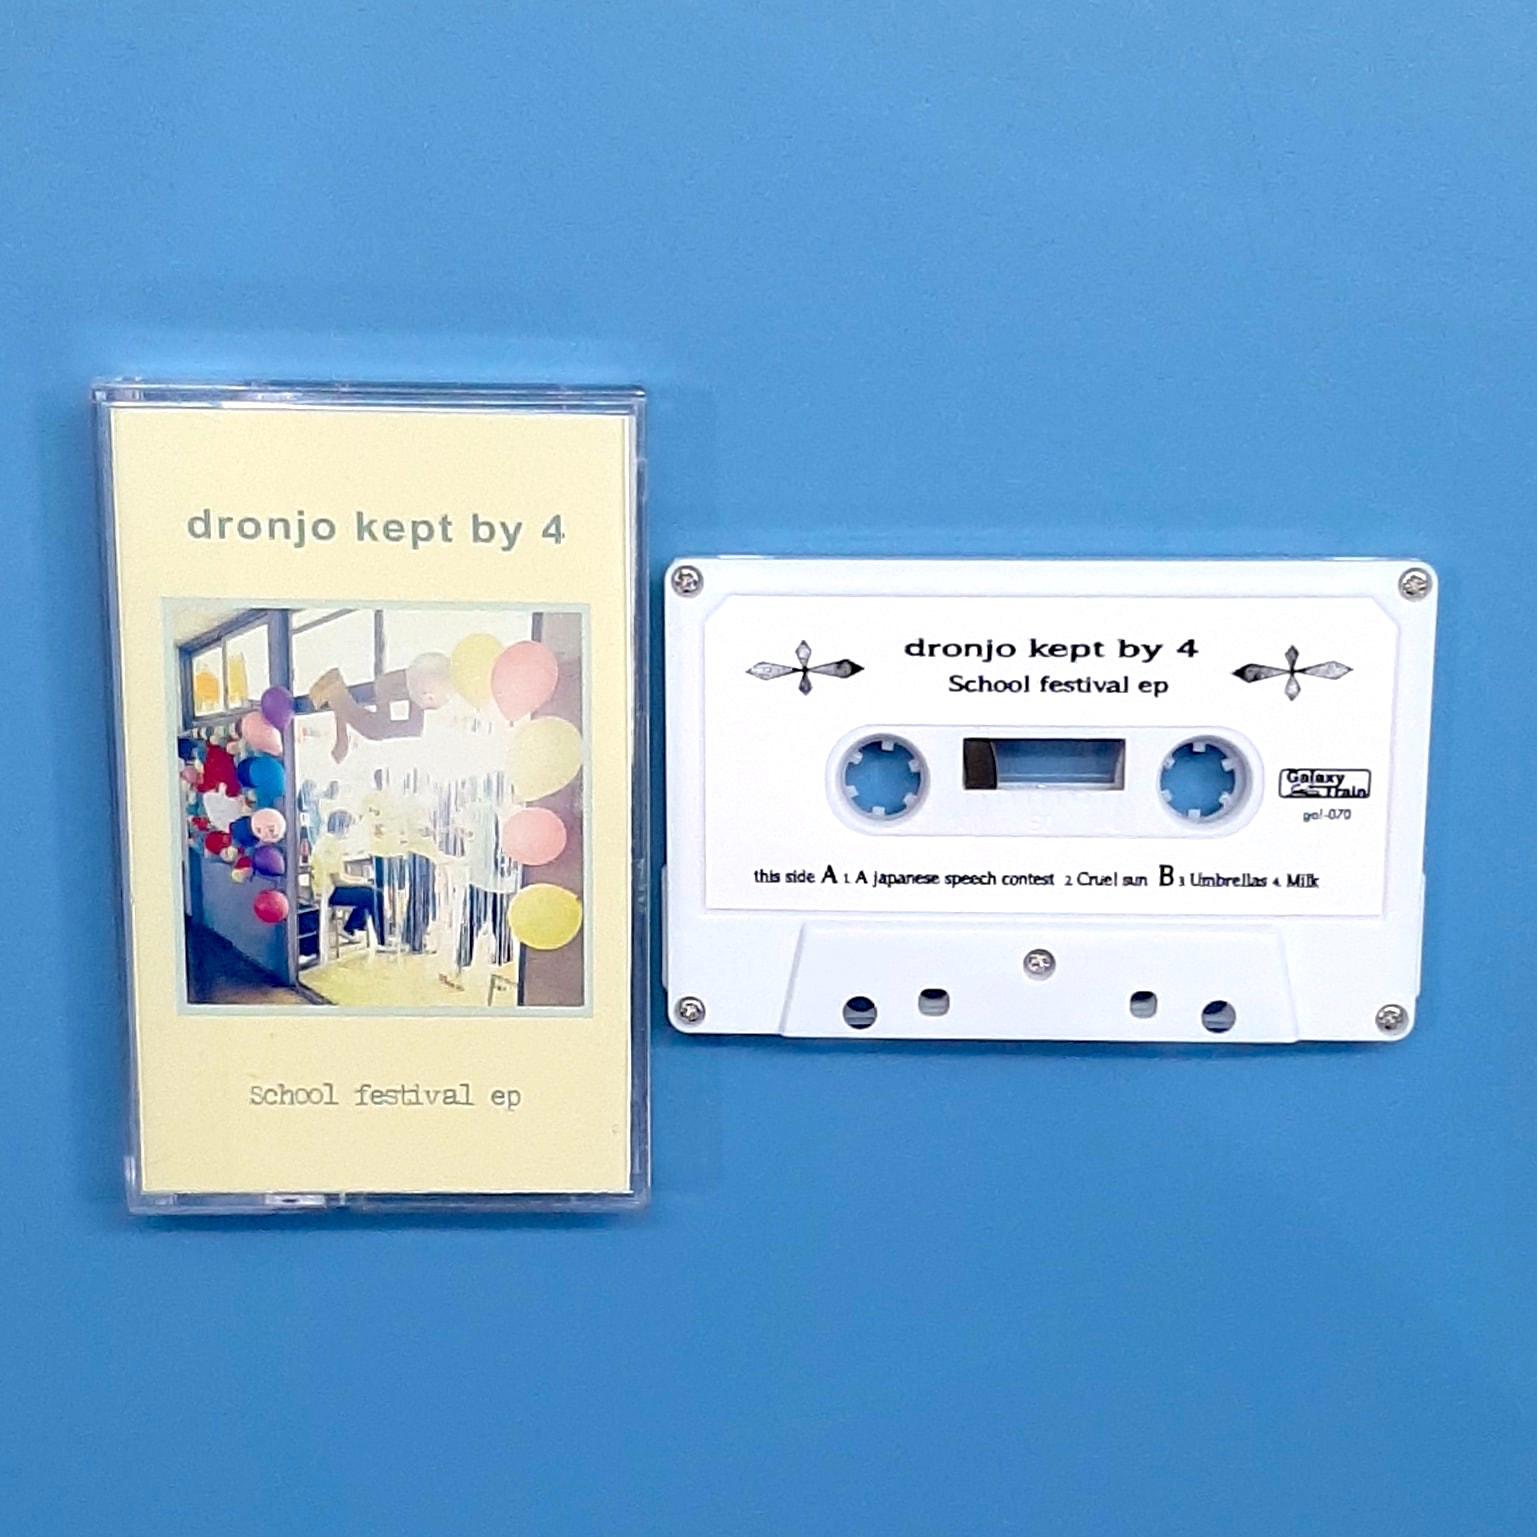 dronjo kept by 4 - School Festival ep (Galaxy Train)